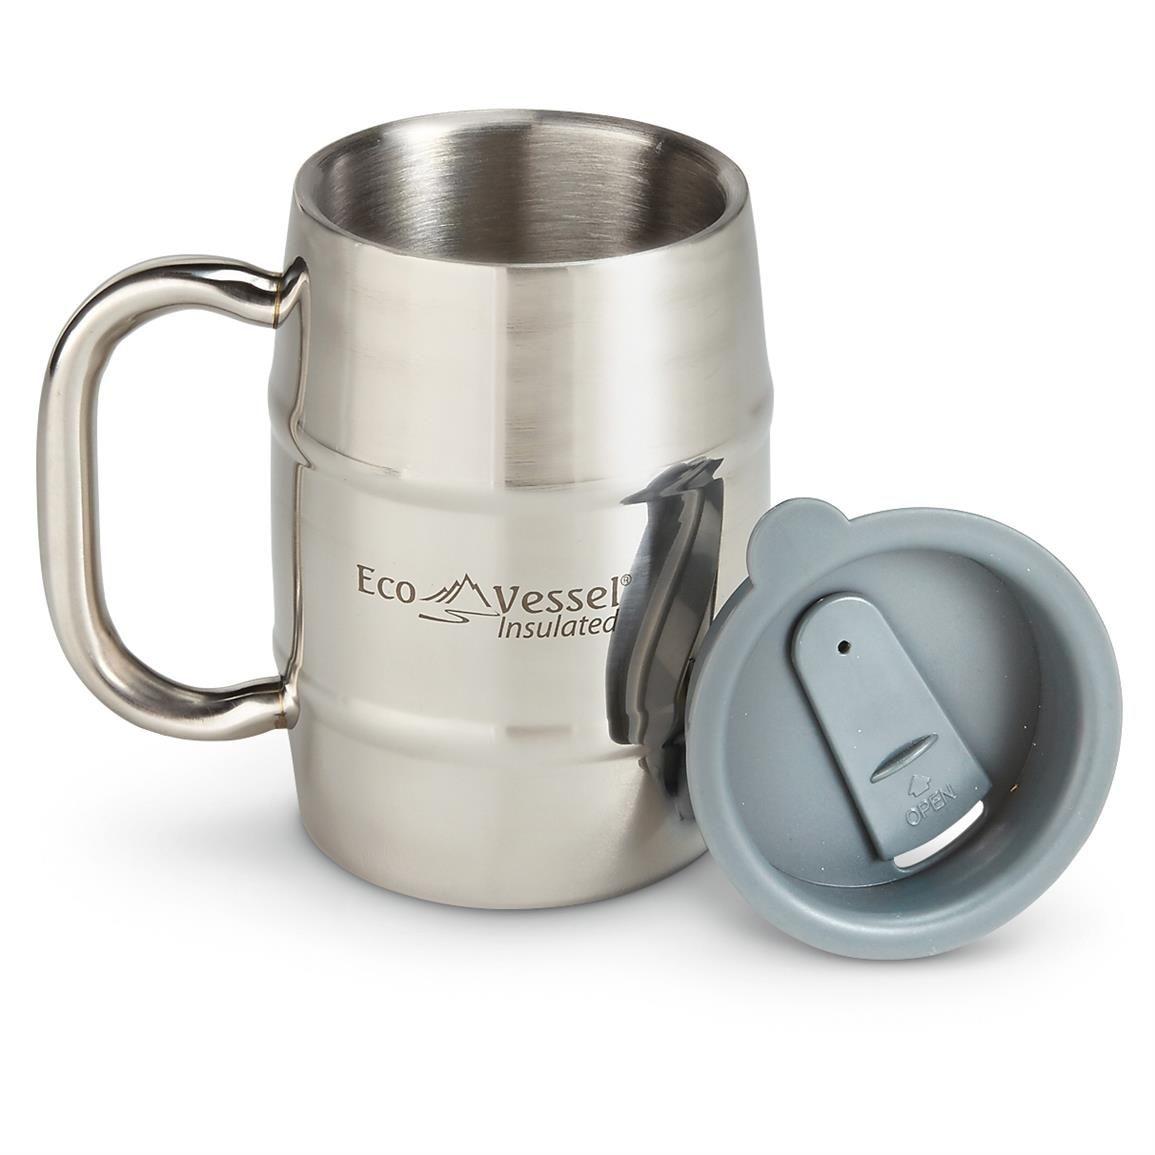 Eco Vessel Double Barrel Insulated Beer Coffee Mug 16 Oz